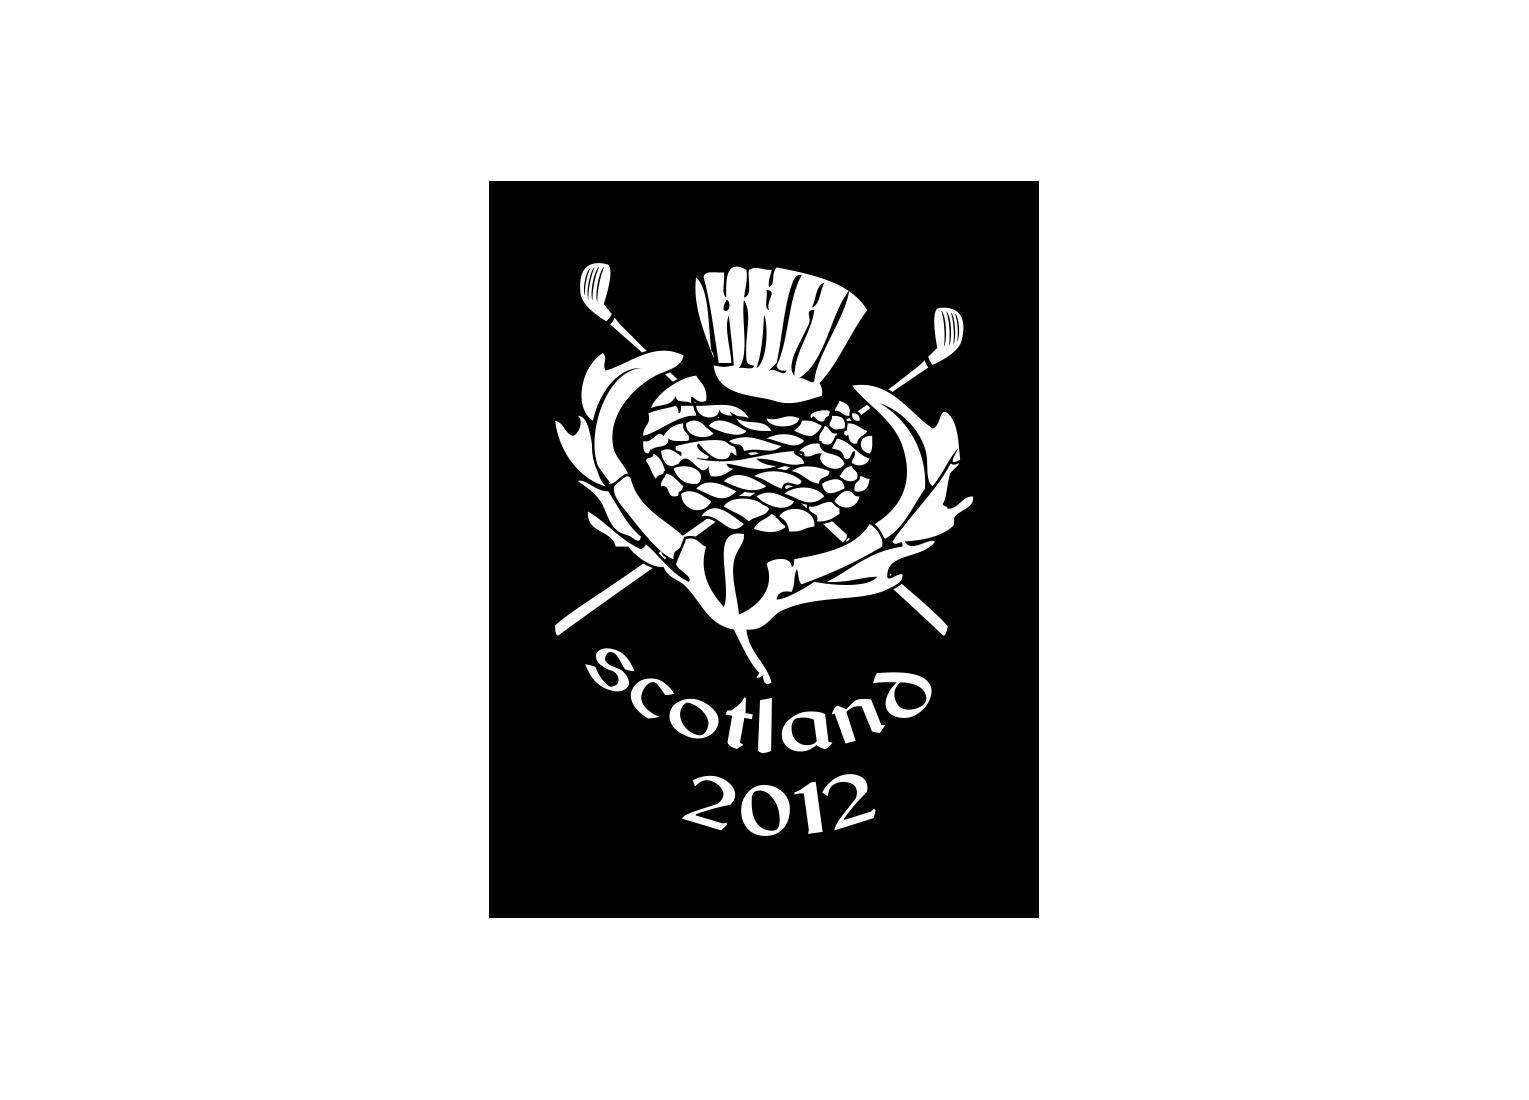 Copy of Scotland 2012 Logo Design